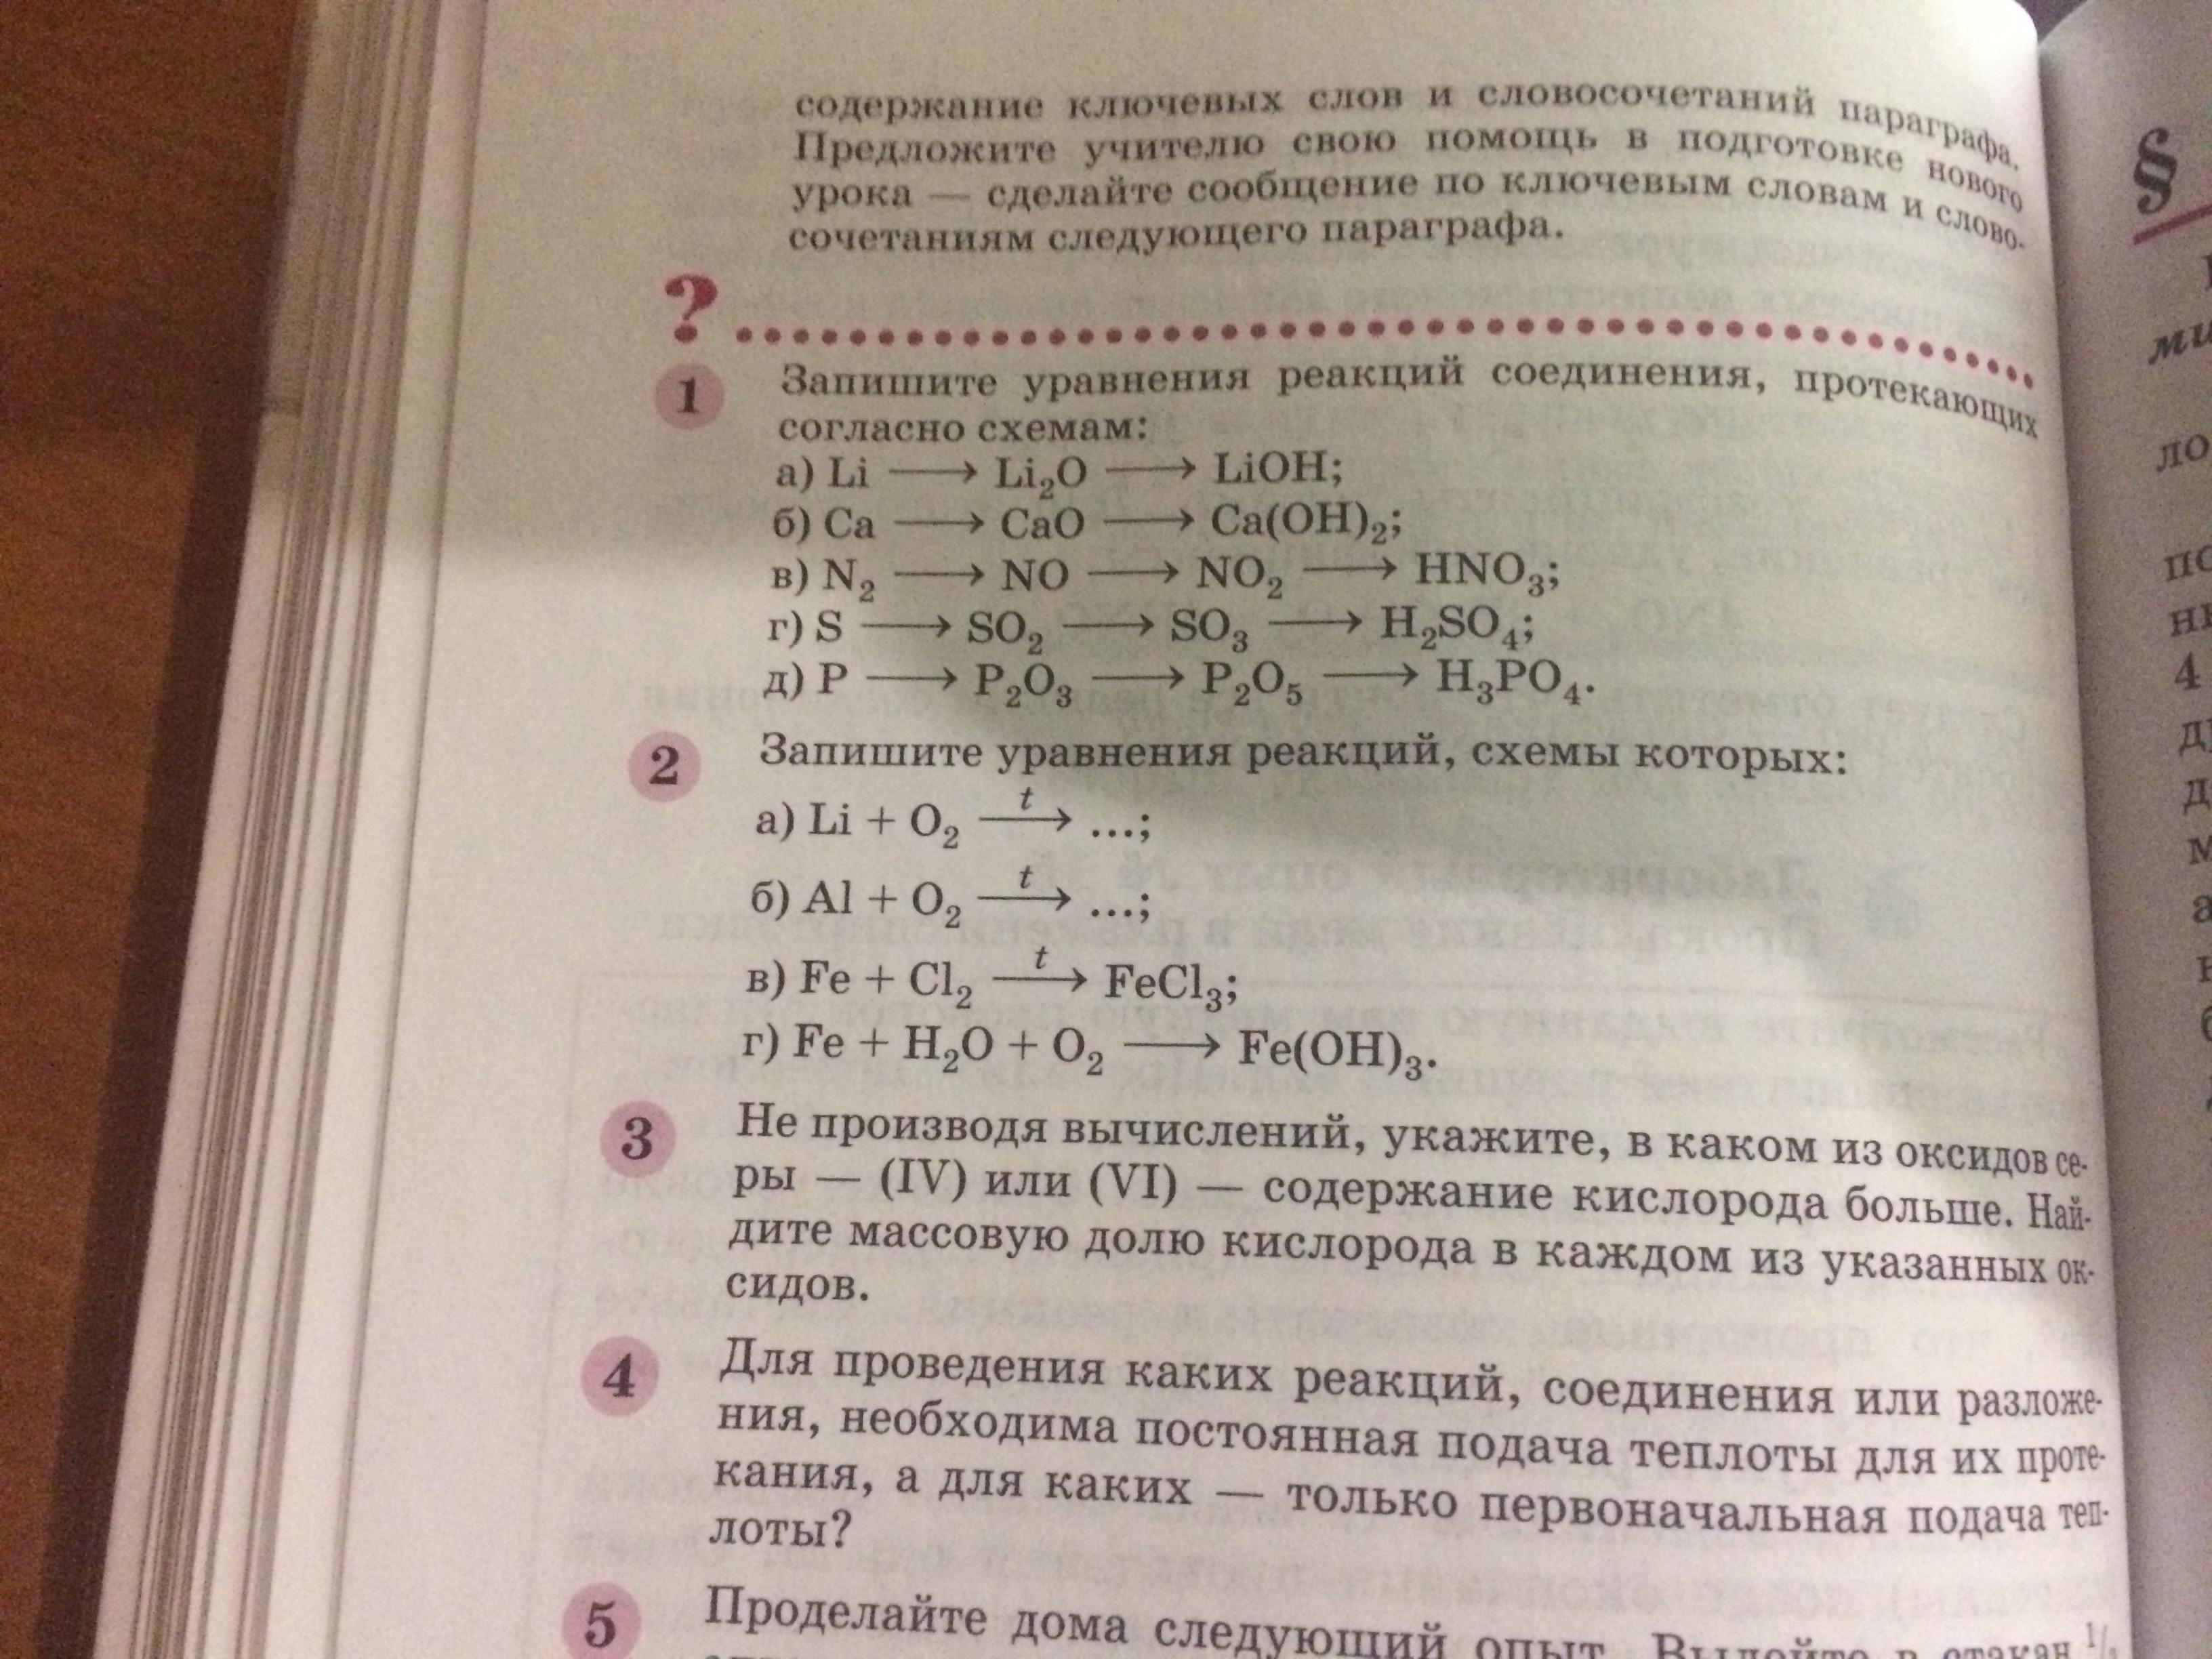 Запишите уравнение реакции соединения протекающих согласно схеме li